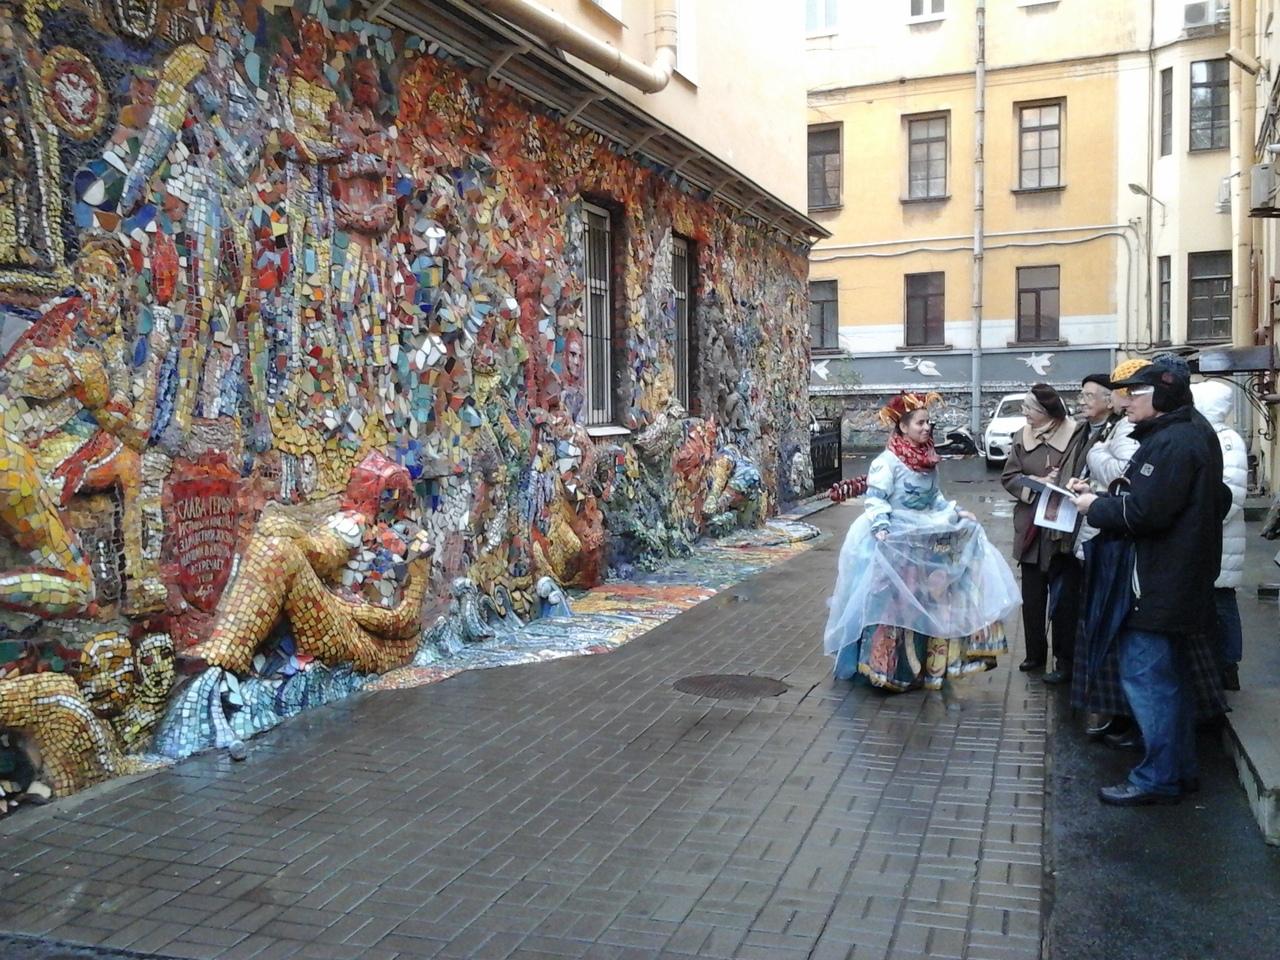 Мозаичный дворик на Фонтанке СПб. Фото: vk.com/club92830292